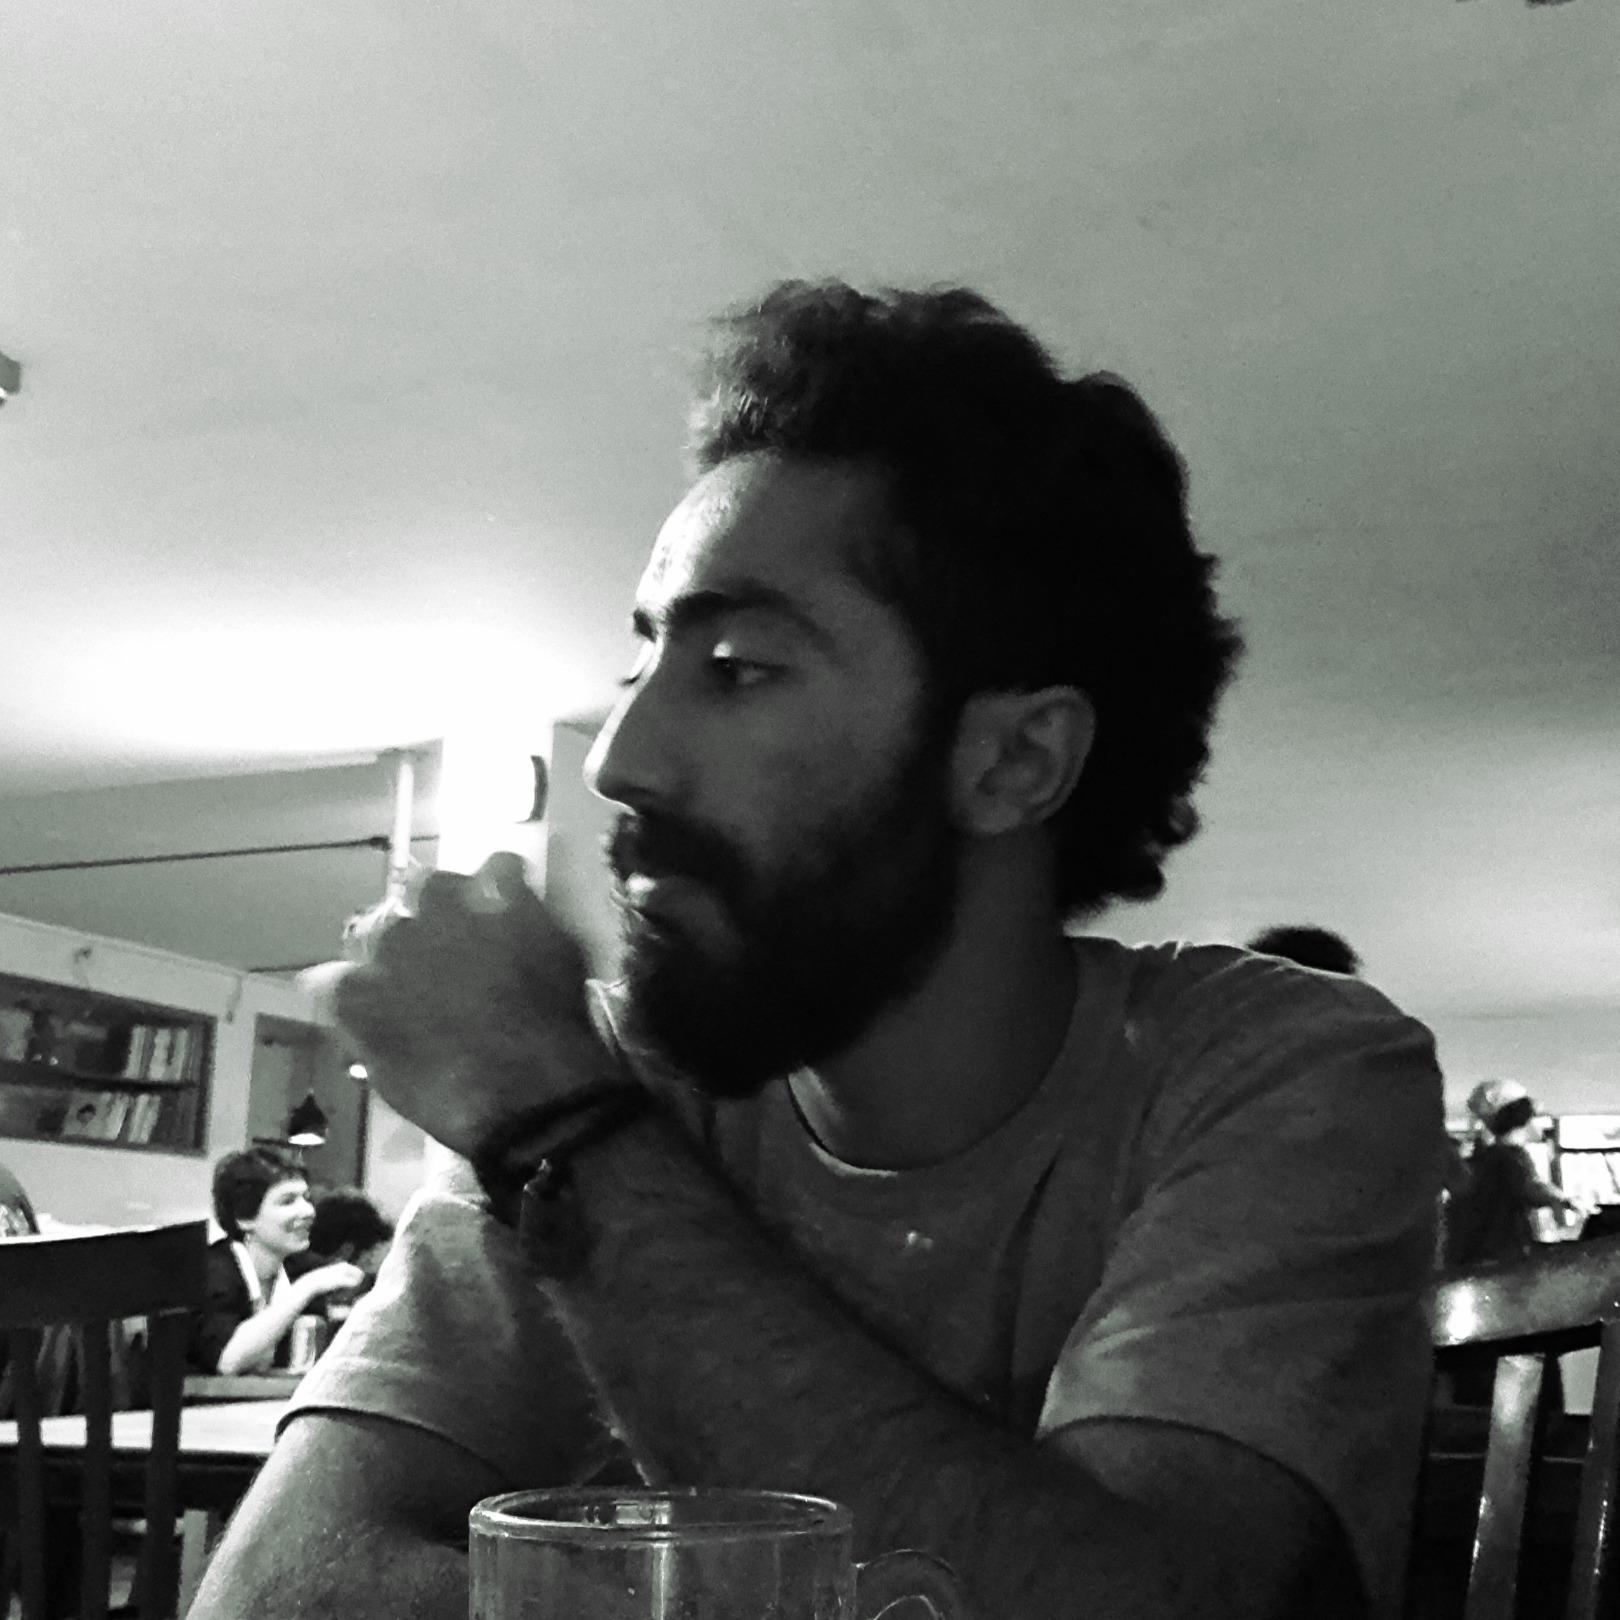 Ali Shafighi